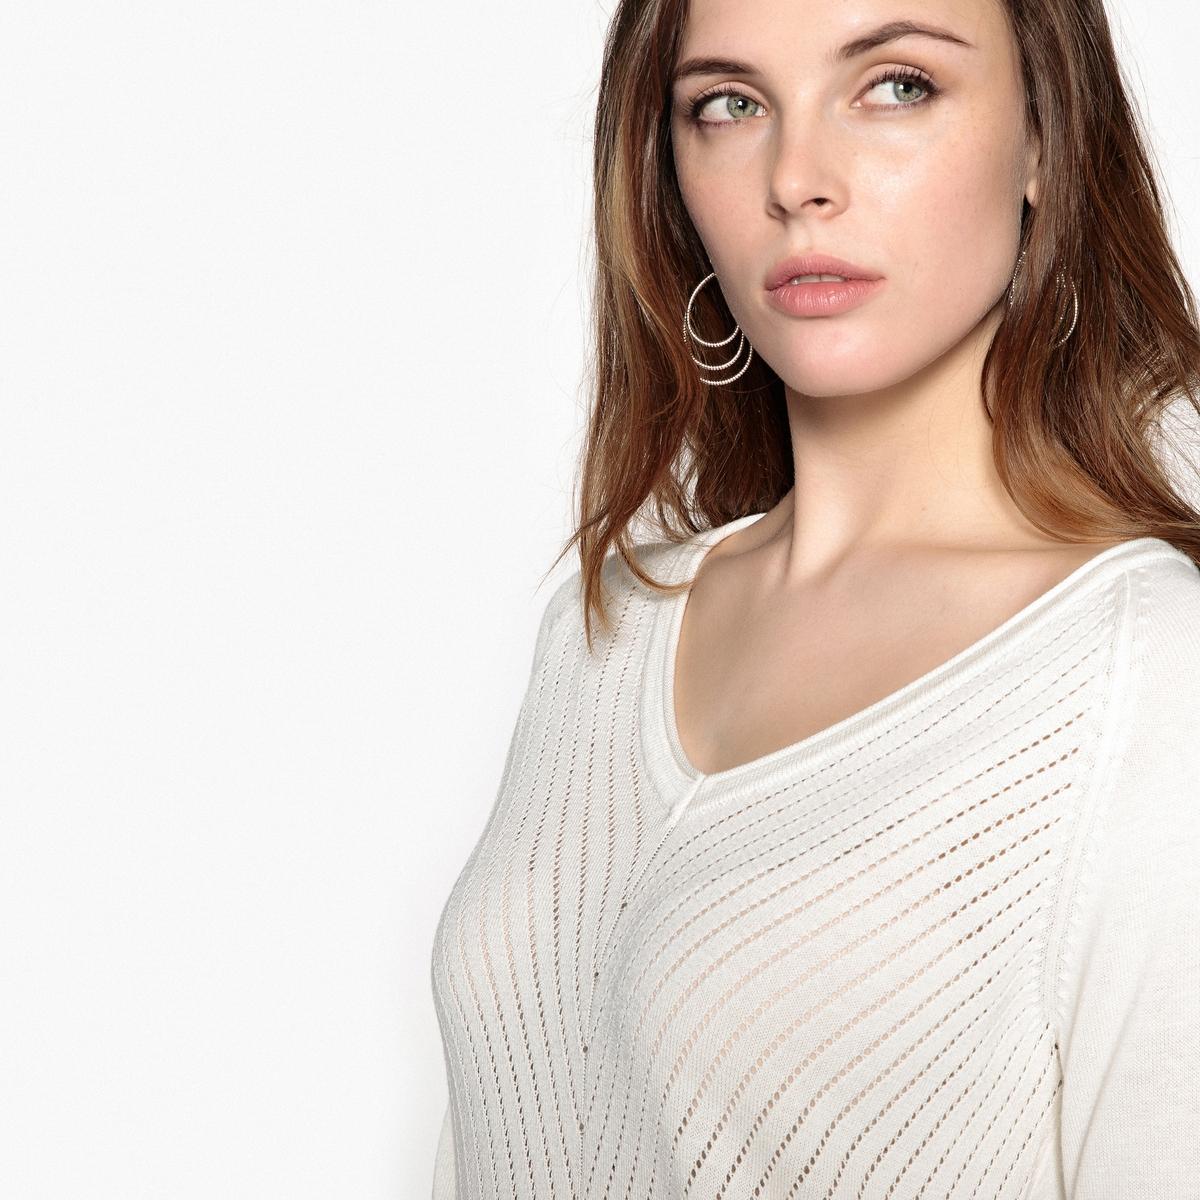 Пуловер с V-образным вырезом из оригинального трикотажаОписание:Пуловер из оригинального тонкого трикотажа. Оригинальный рисунок в крапинку спереди. Очень женственный пуловер благодаря слегка ажурному трикотажу.Детали •  Длинные рукава •   V-образный вырез •  Тонкий трикотажСостав и уход •  45% акрила, 55% хлопка •  Температура стирки 40° на деликатном режиме   •  Сухая чистка и отбеливатели запрещены •  Не использовать барабанную сушку • Средняя температура глажки  •  V-образный вырез с отделкой руликом. Края низа и манжет связаны в рубчик.  Оригинальные пуговицы по бокам. Длинные рукава реглан. Приспущенные плечевые швы. •  Длина  : 63 см<br><br>Цвет: черный,экрю<br>Размер: 42/44 (FR) - 48/50 (RUS).46/48 (FR) - 52/54 (RUS).42/44 (FR) - 48/50 (RUS).50/52 (FR) - 56/58 (RUS).38/40 (FR) - 44/46 (RUS).38/40 (FR) - 44/46 (RUS)